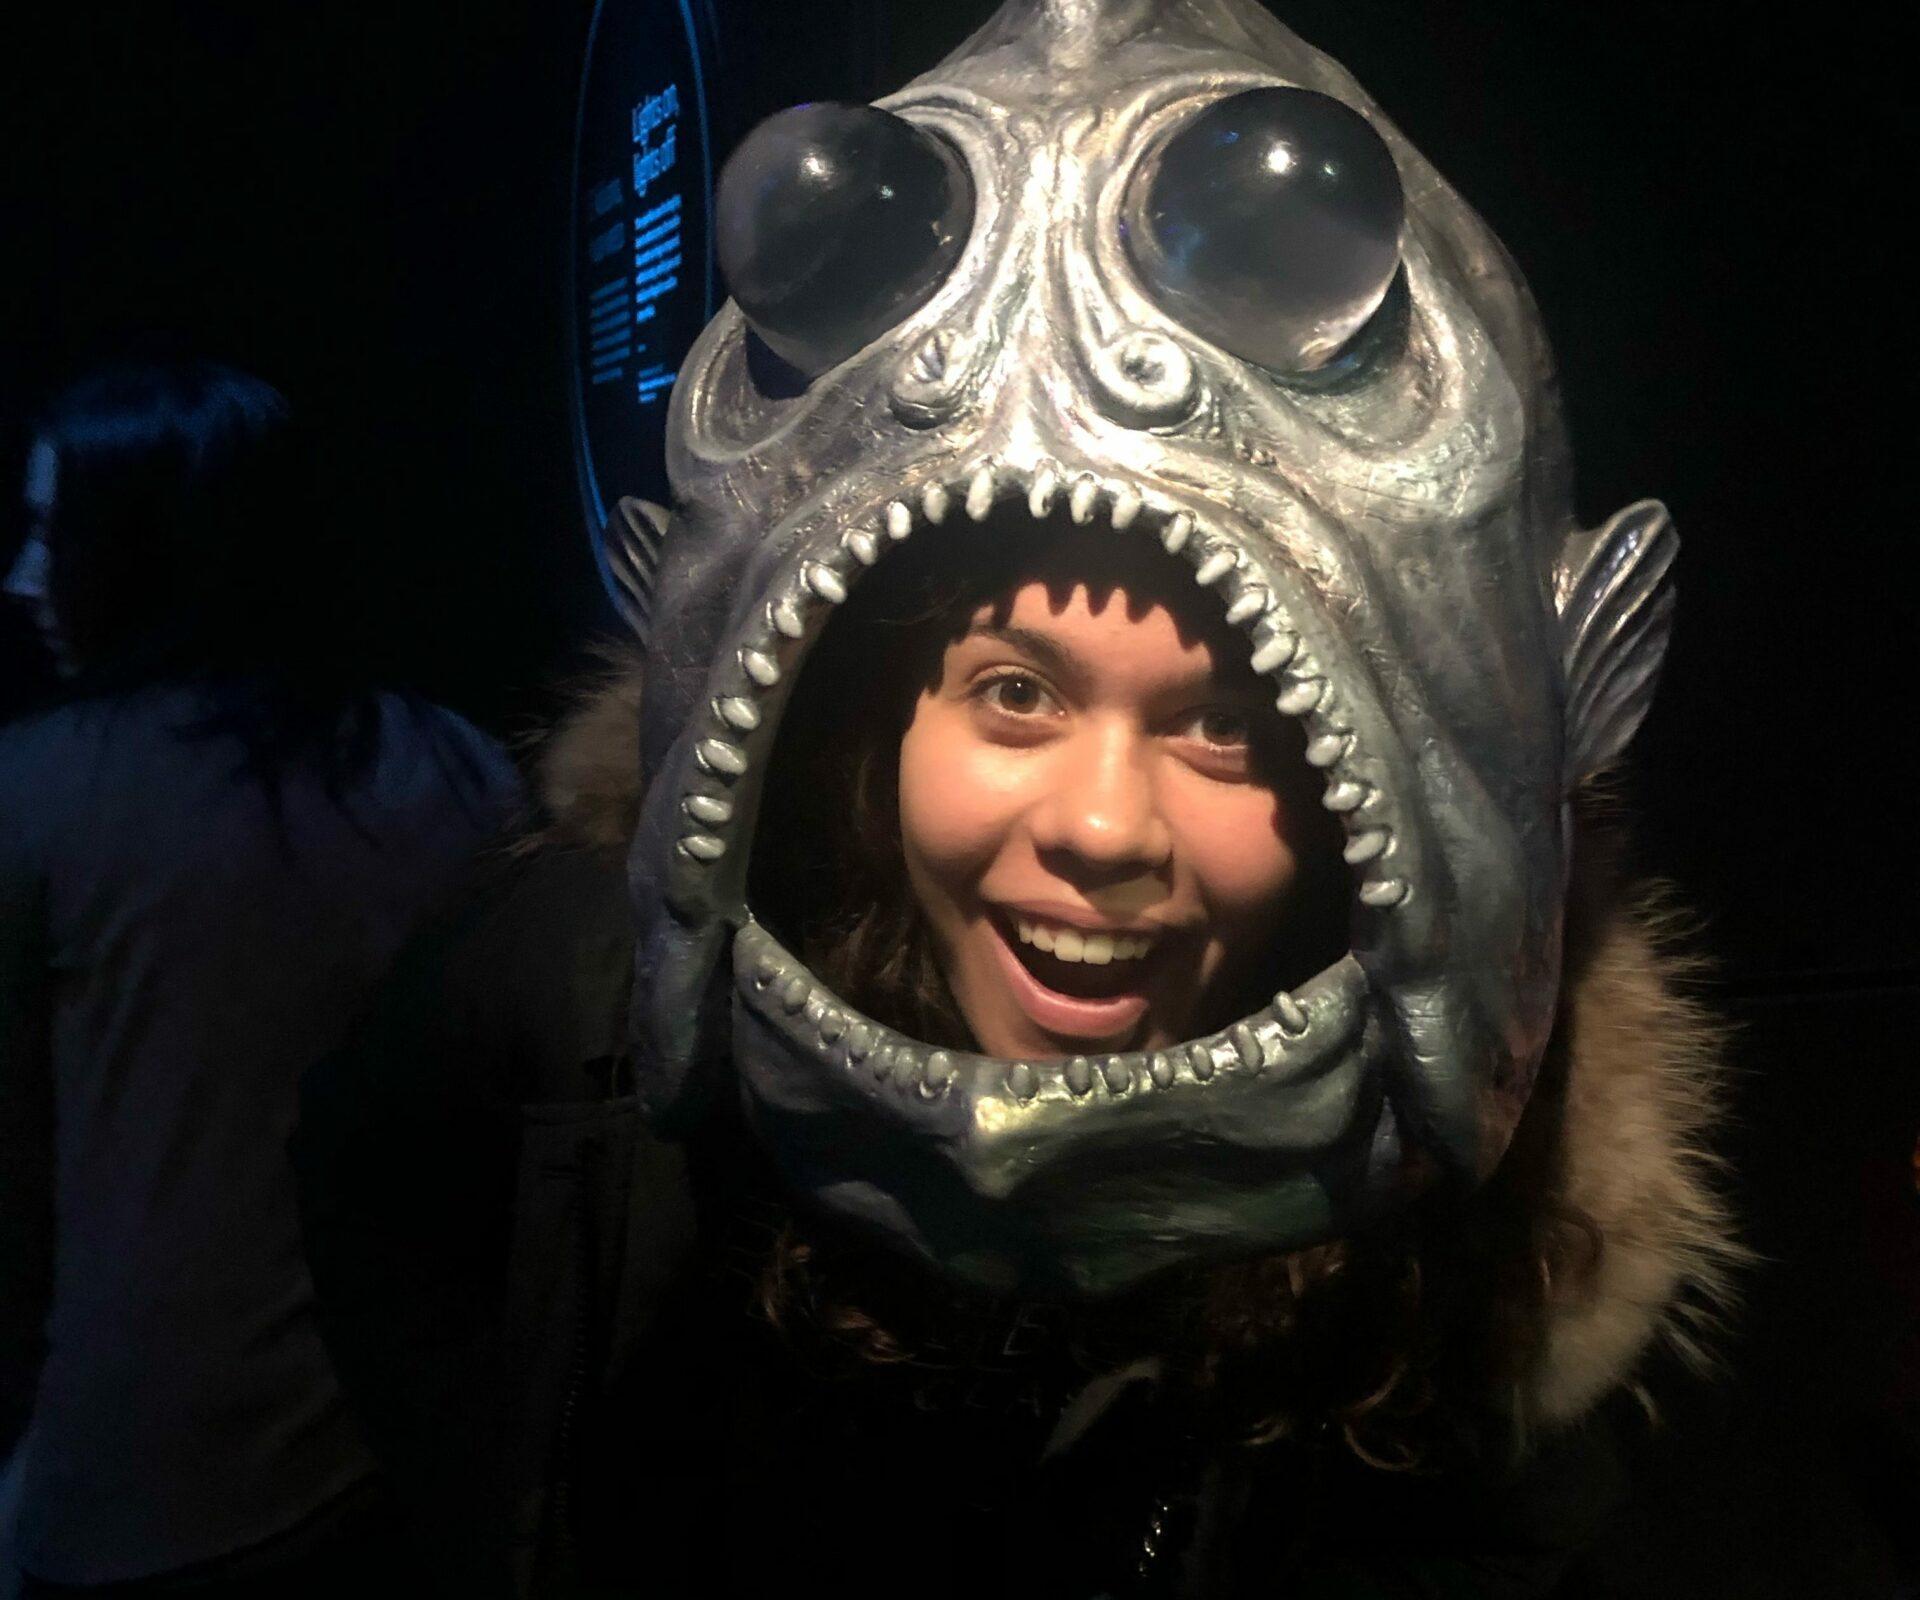 Lunas Reiseblog: Das waren die ersten Tage in Neuseeland